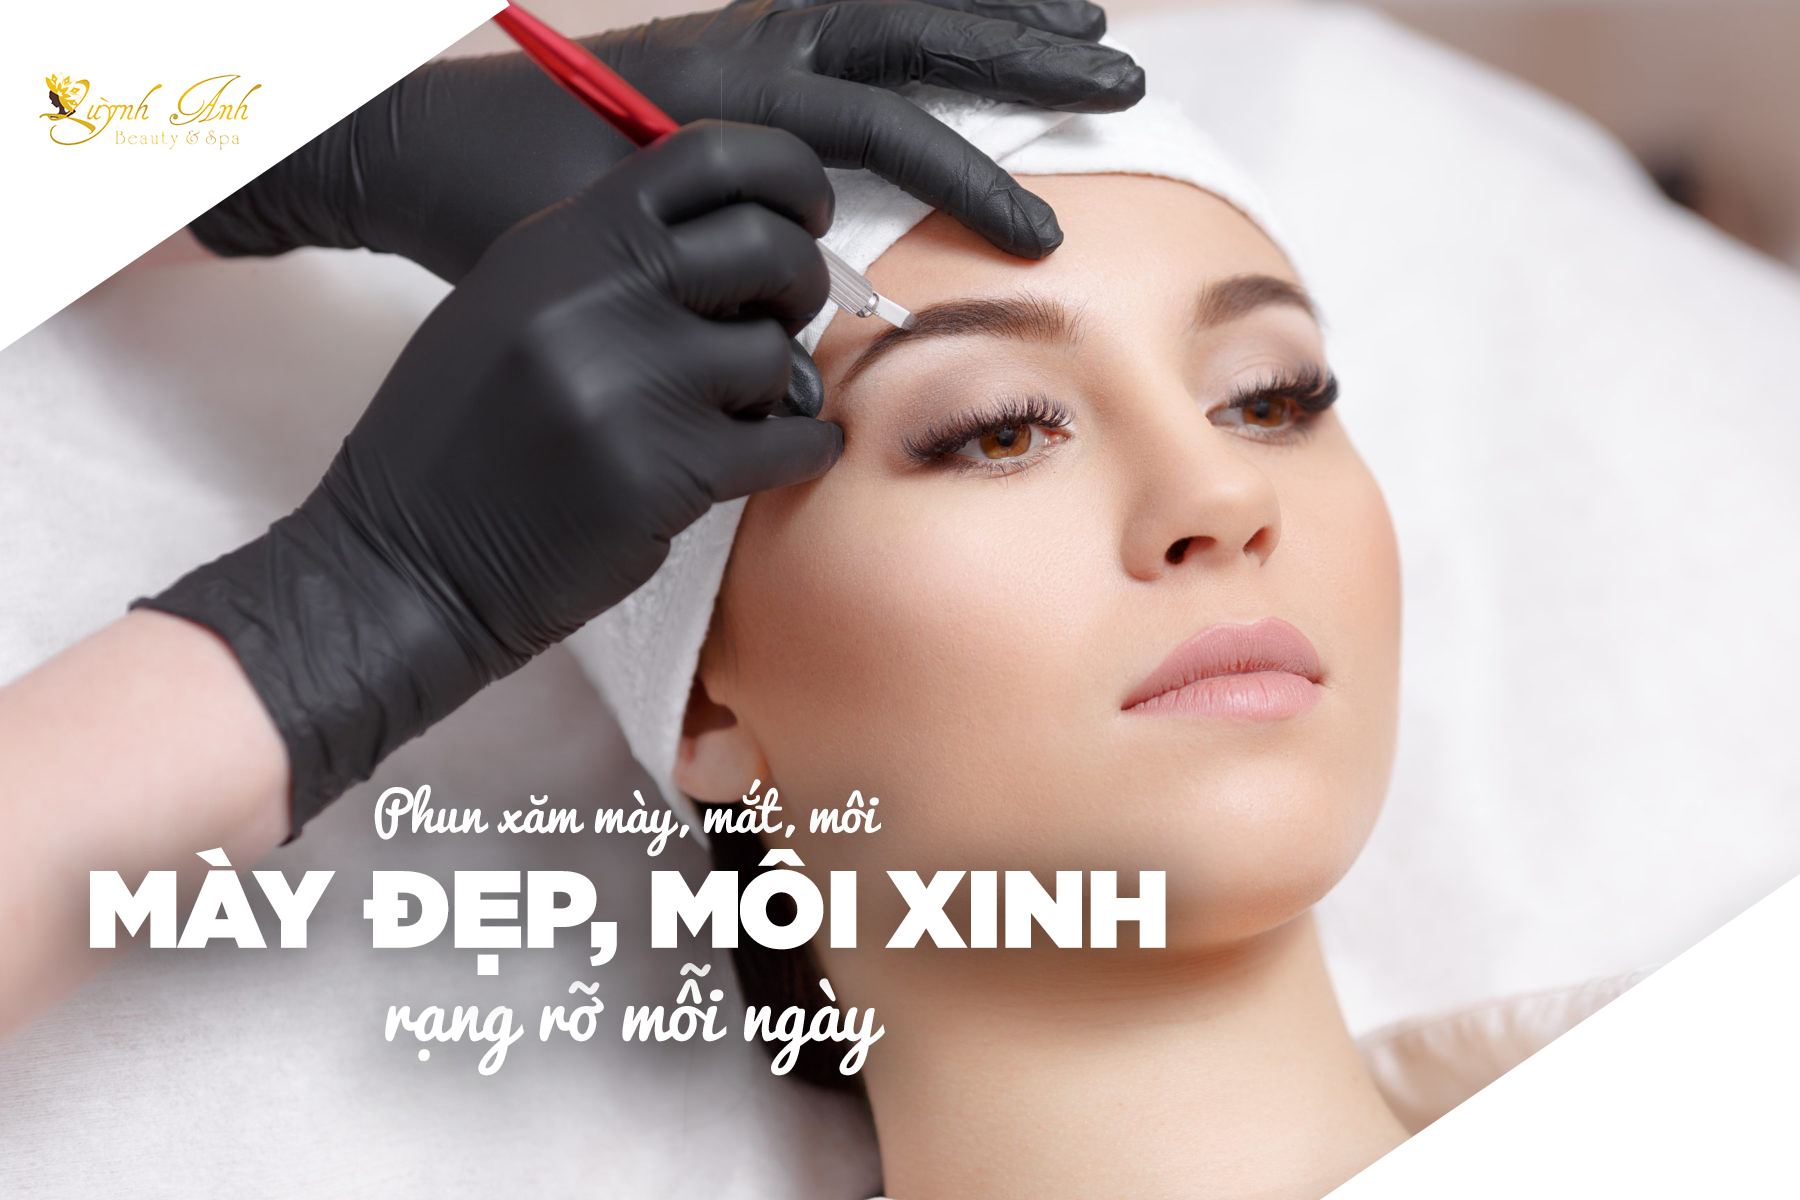 Phun xăm là hình thức phun màu lên da, áp dụng cho môi, lông mày\u2026để tạo màu sắc, cải thiện hình dáng và tạo điểm nhấn trên gương mặt.